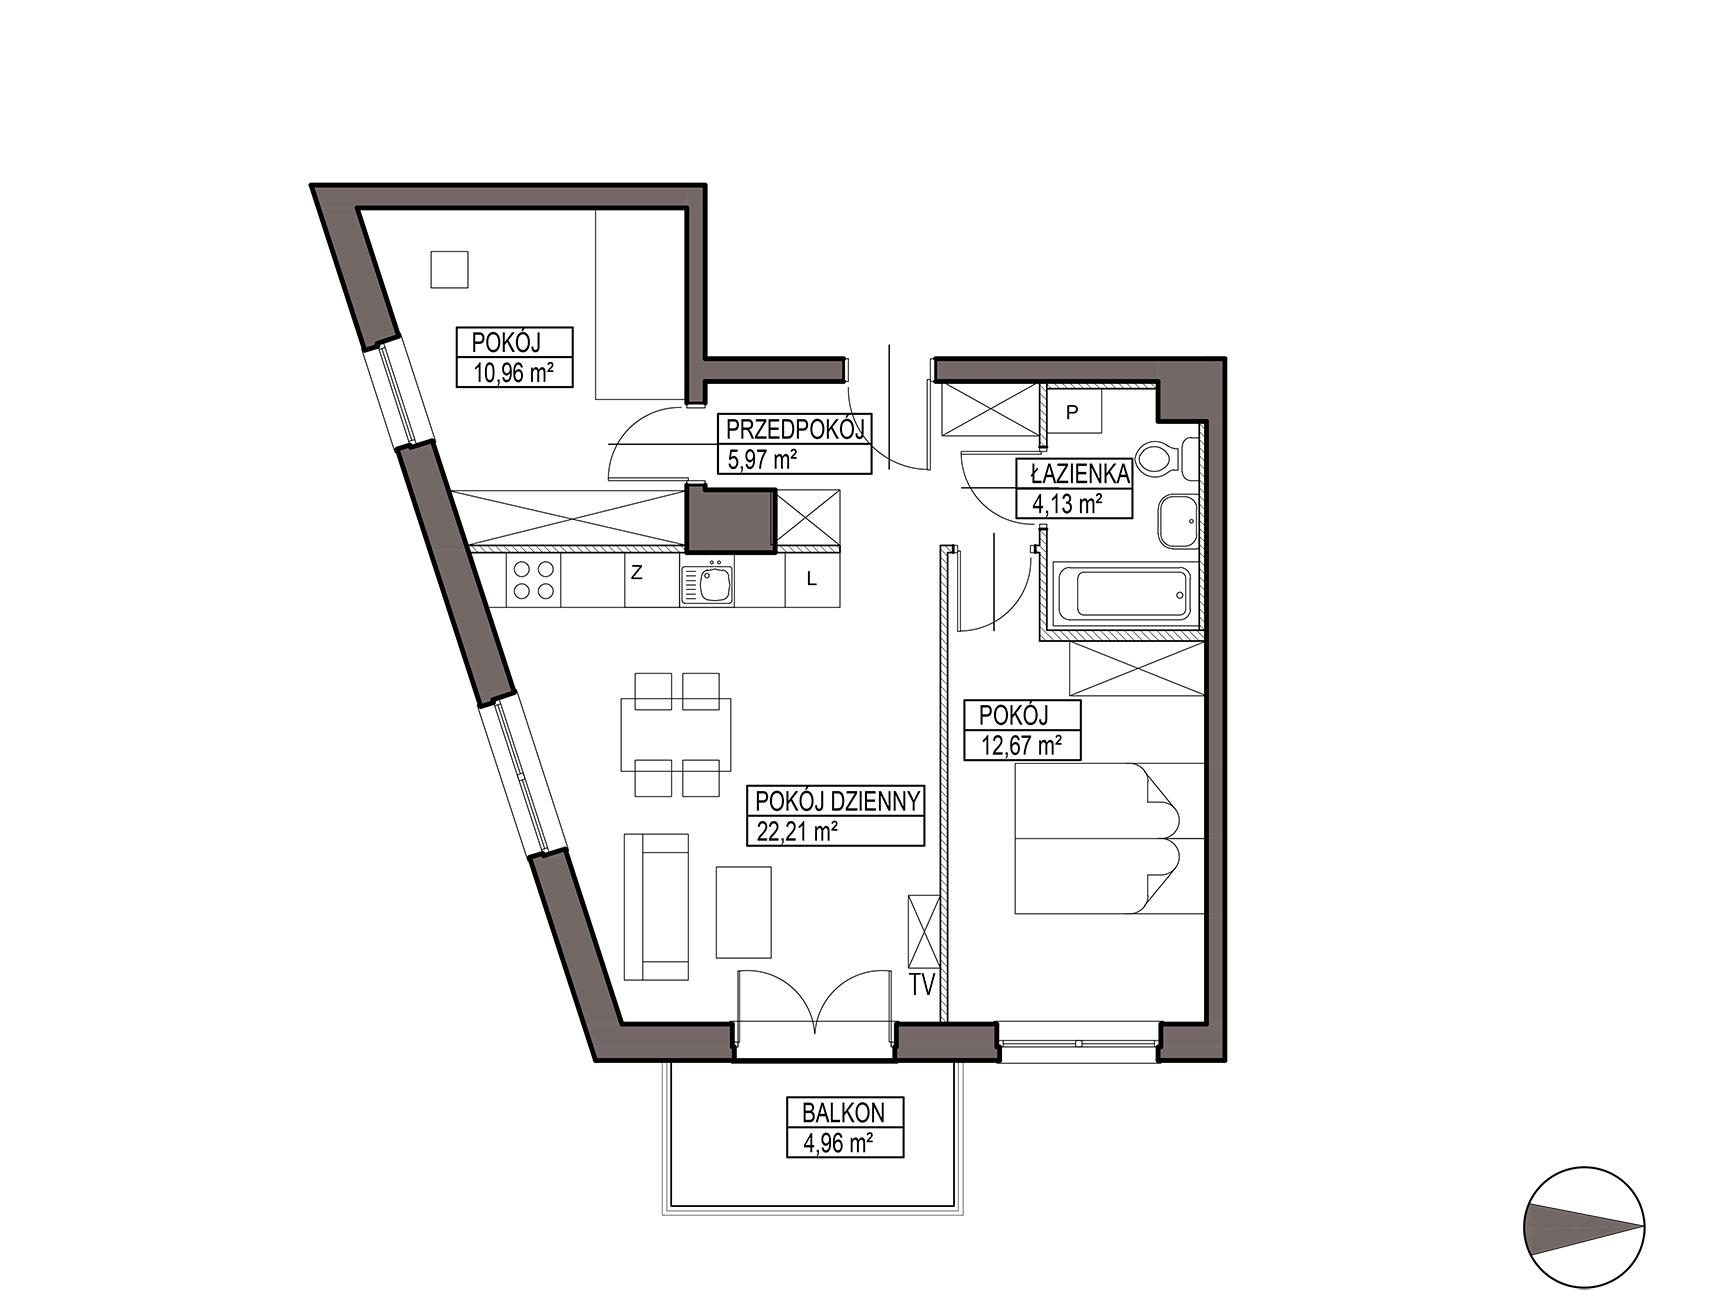 Uroczysko III / budynek 5 / mieszkanie G/0/4 rzut 1